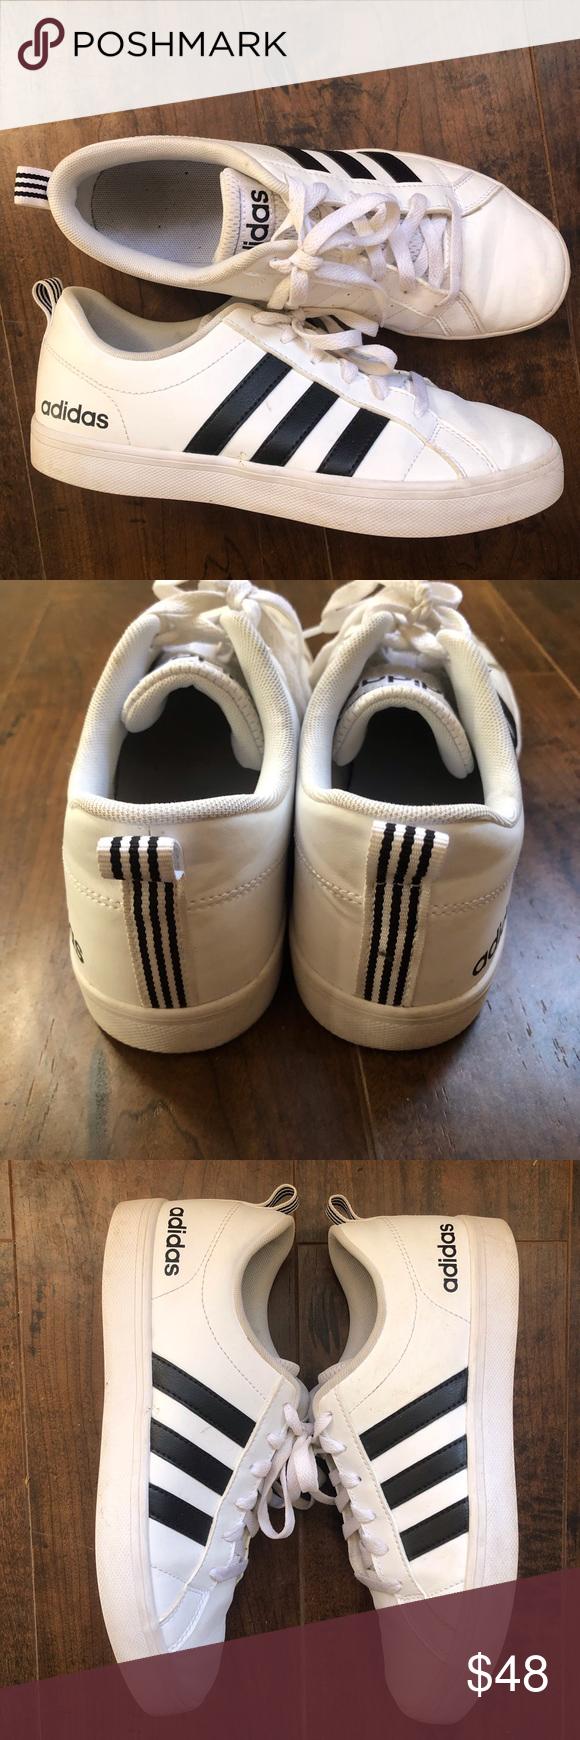 Adidas Neo Pace trainer classics Adidas Men Shoes Men Essentials ...